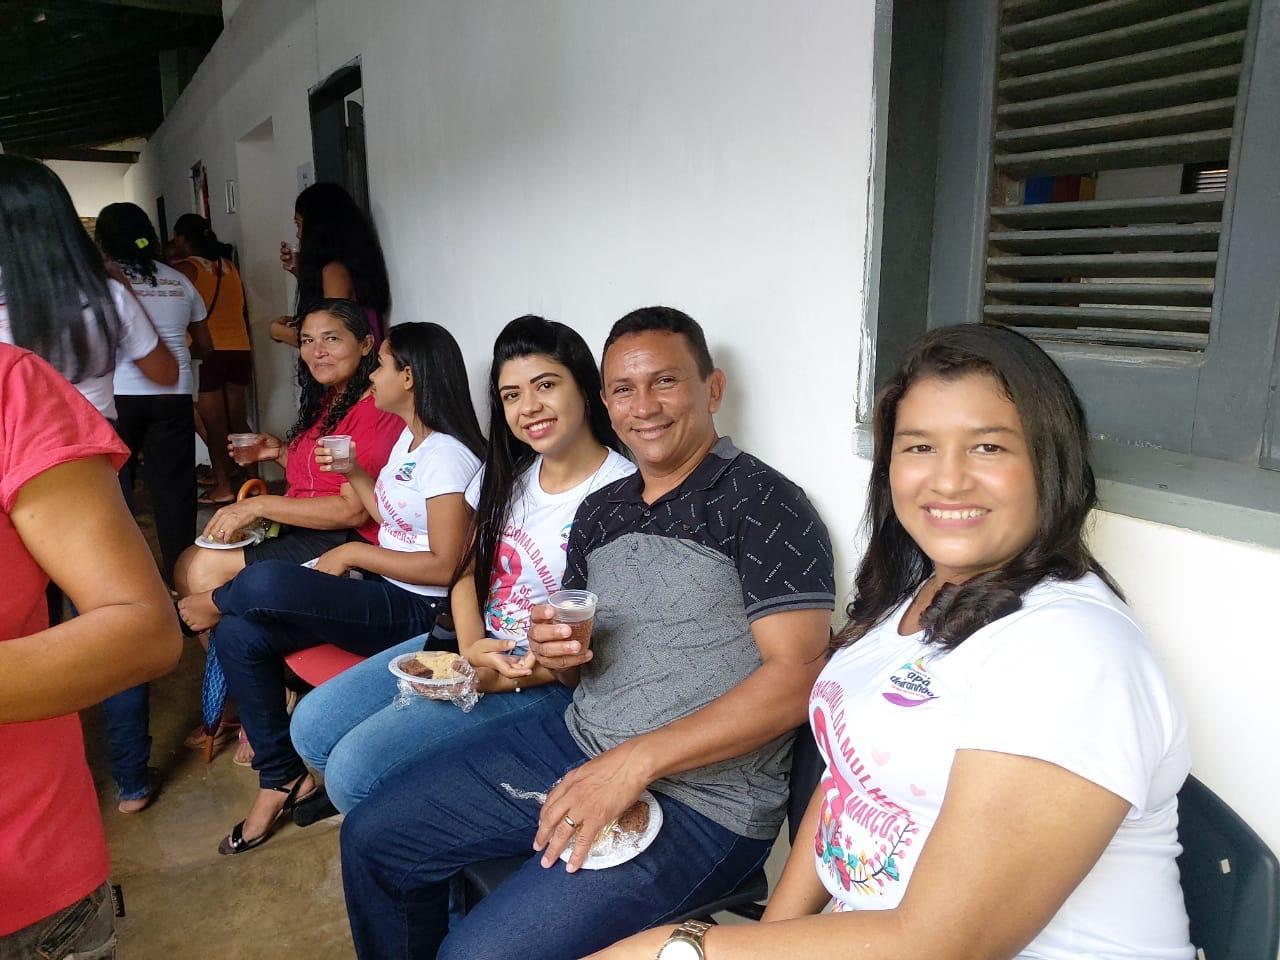 Dia da Mulher foi mais uma oportunidade para a Prefeitura de Amapá mostrar serviço